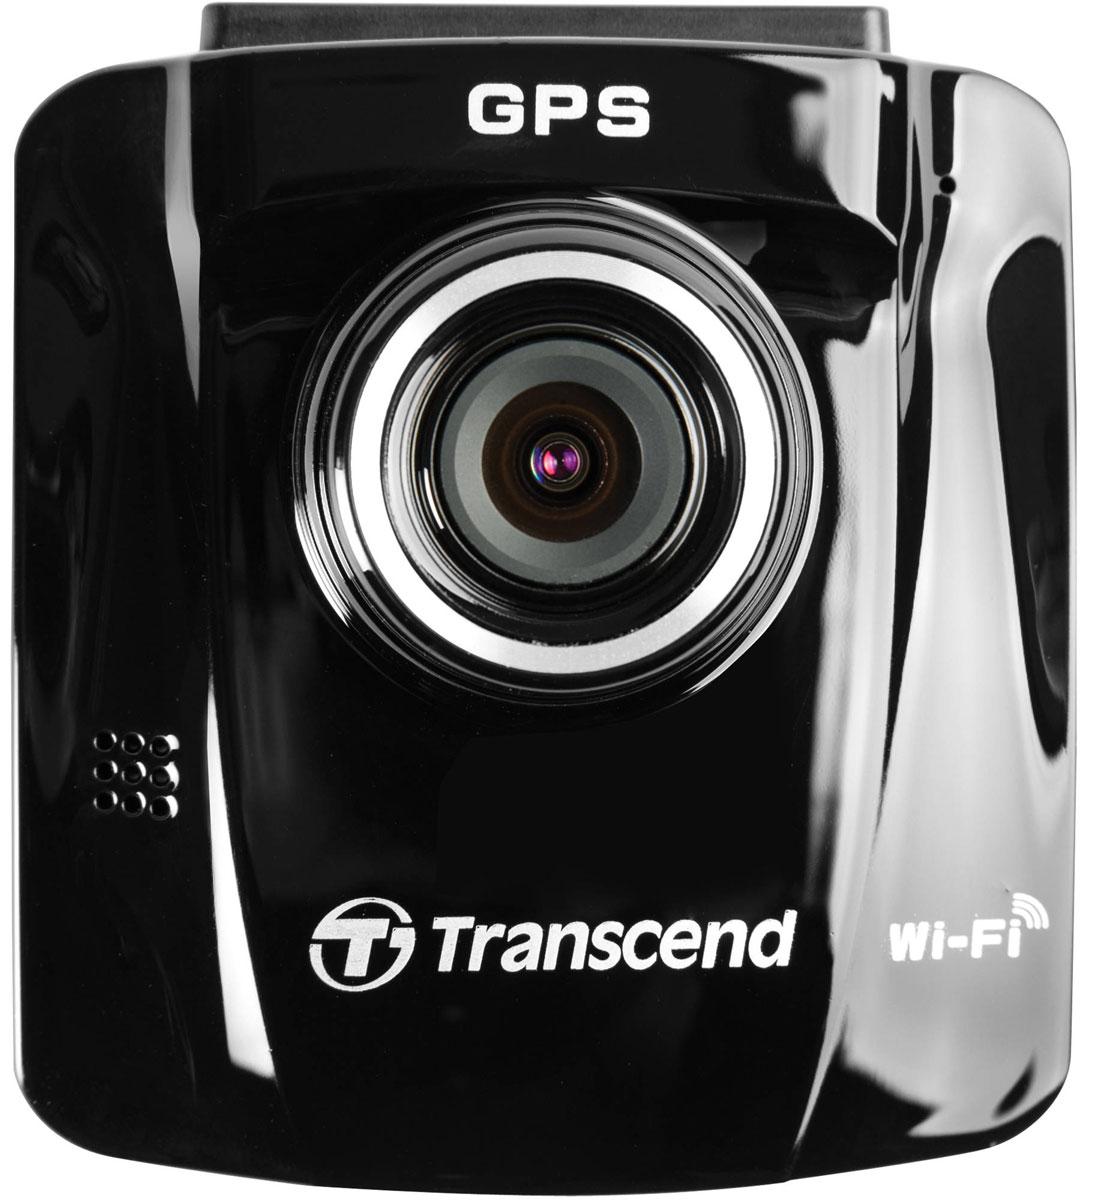 Transcend DrivePro 220 видеорегистратор автомобильный + microSD 16GbTS16GDP220MИ днем, и ночью автомобильный видеорегистратор Transcend DrivePro 220 будет надежным свидетелем во всех ваших поездках. Наличие встроенного аккумулятора, режима экстренной записи, объектива с диафрагмой f/1.8, функции сохранения фотографий, яркого цветного 2,4 ЖК-дисплея — все это обеспечивает максимальное удобство использования. Кроме того, безопасность вождения помогут повысить такие дополнительные функции DrivePro 220 как GPS-приемник, система предупреждения о съезде с текущей полосы движения (LDWS), система предупреждения фронтального столкновения (FCWS), предупреждение о превышении скорости и режим парковки. DrivePro 220 оснащен объективом с большой диафрагмой (f/1.8) и способен автоматически подстраиваться под различные условия освещения, точно фиксируя все детали текущей дорожной обстановки, вне зависимости от времени суток, в том числе, номерные знаки соседних автомобилей. Угол обзора камеры видеорегистратора составляет 130°, а...